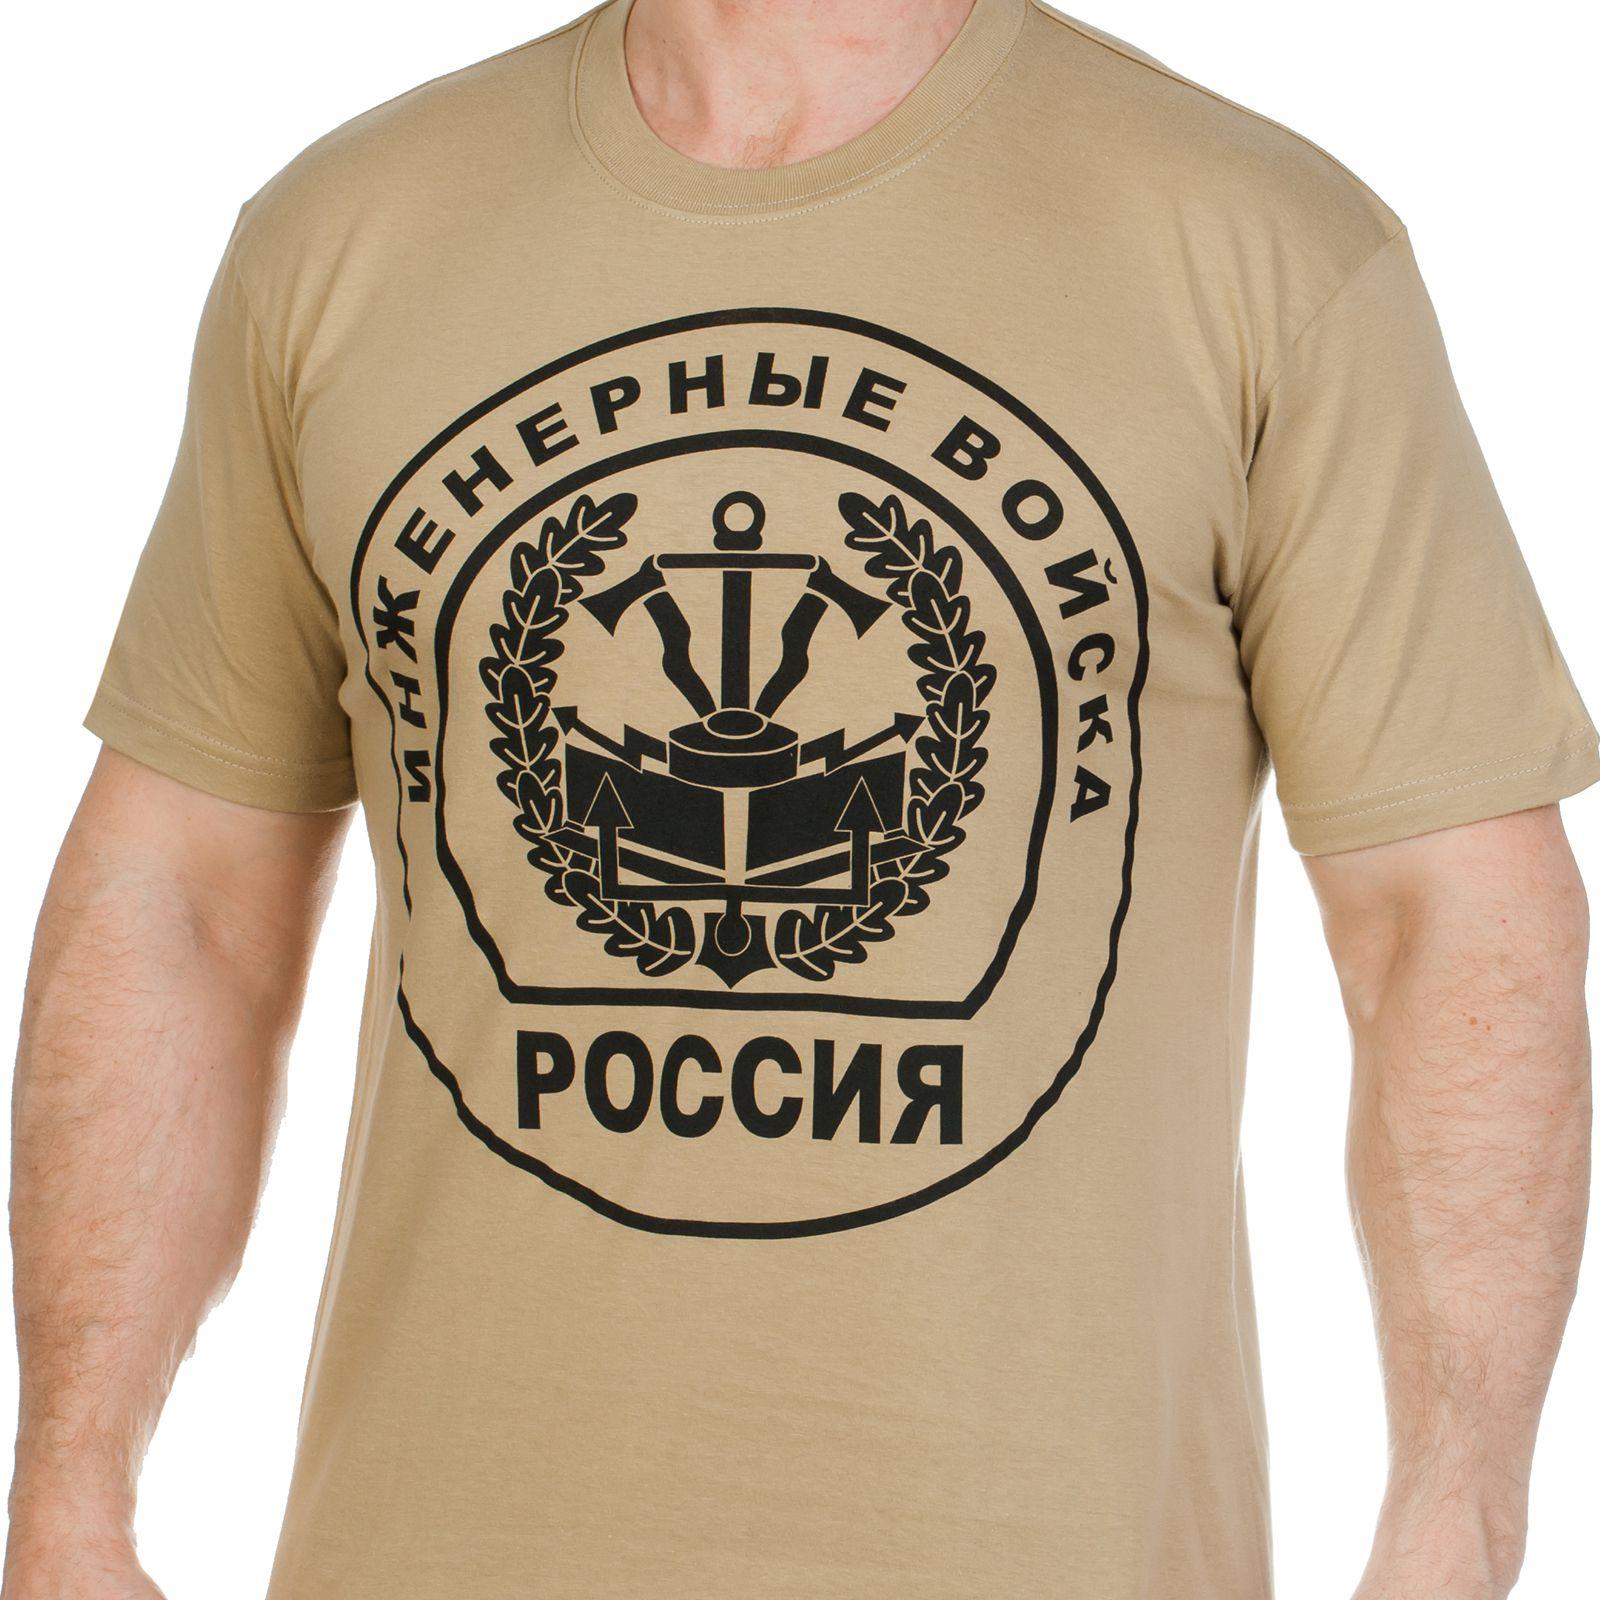 Футболка с эмблемой Инженерных войск